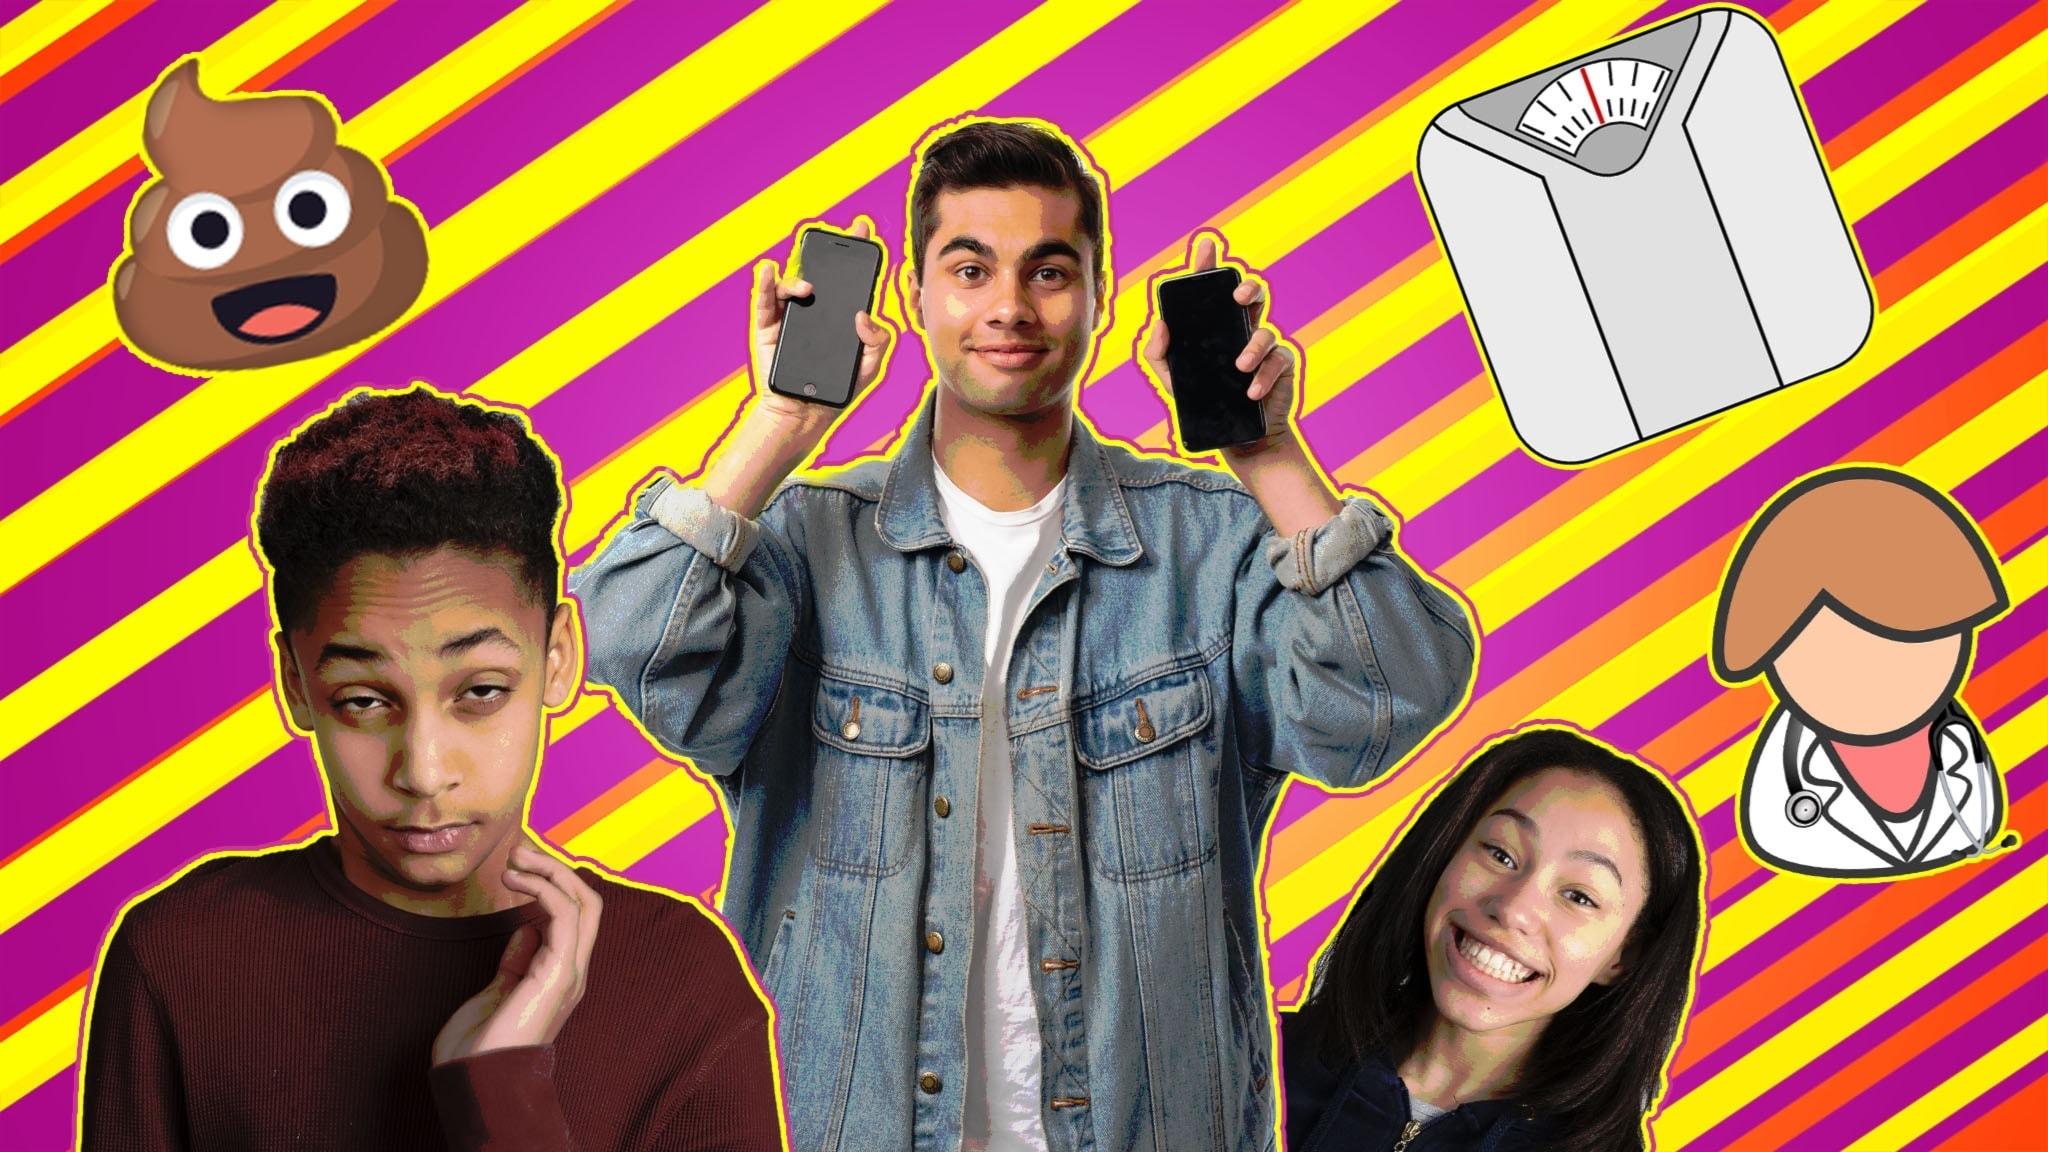 Programbild Cringe säsong 2: Kevin Waldermarsson, William Spetz och Savannah Cowan. Med emoji, våg och sjuksköterska.